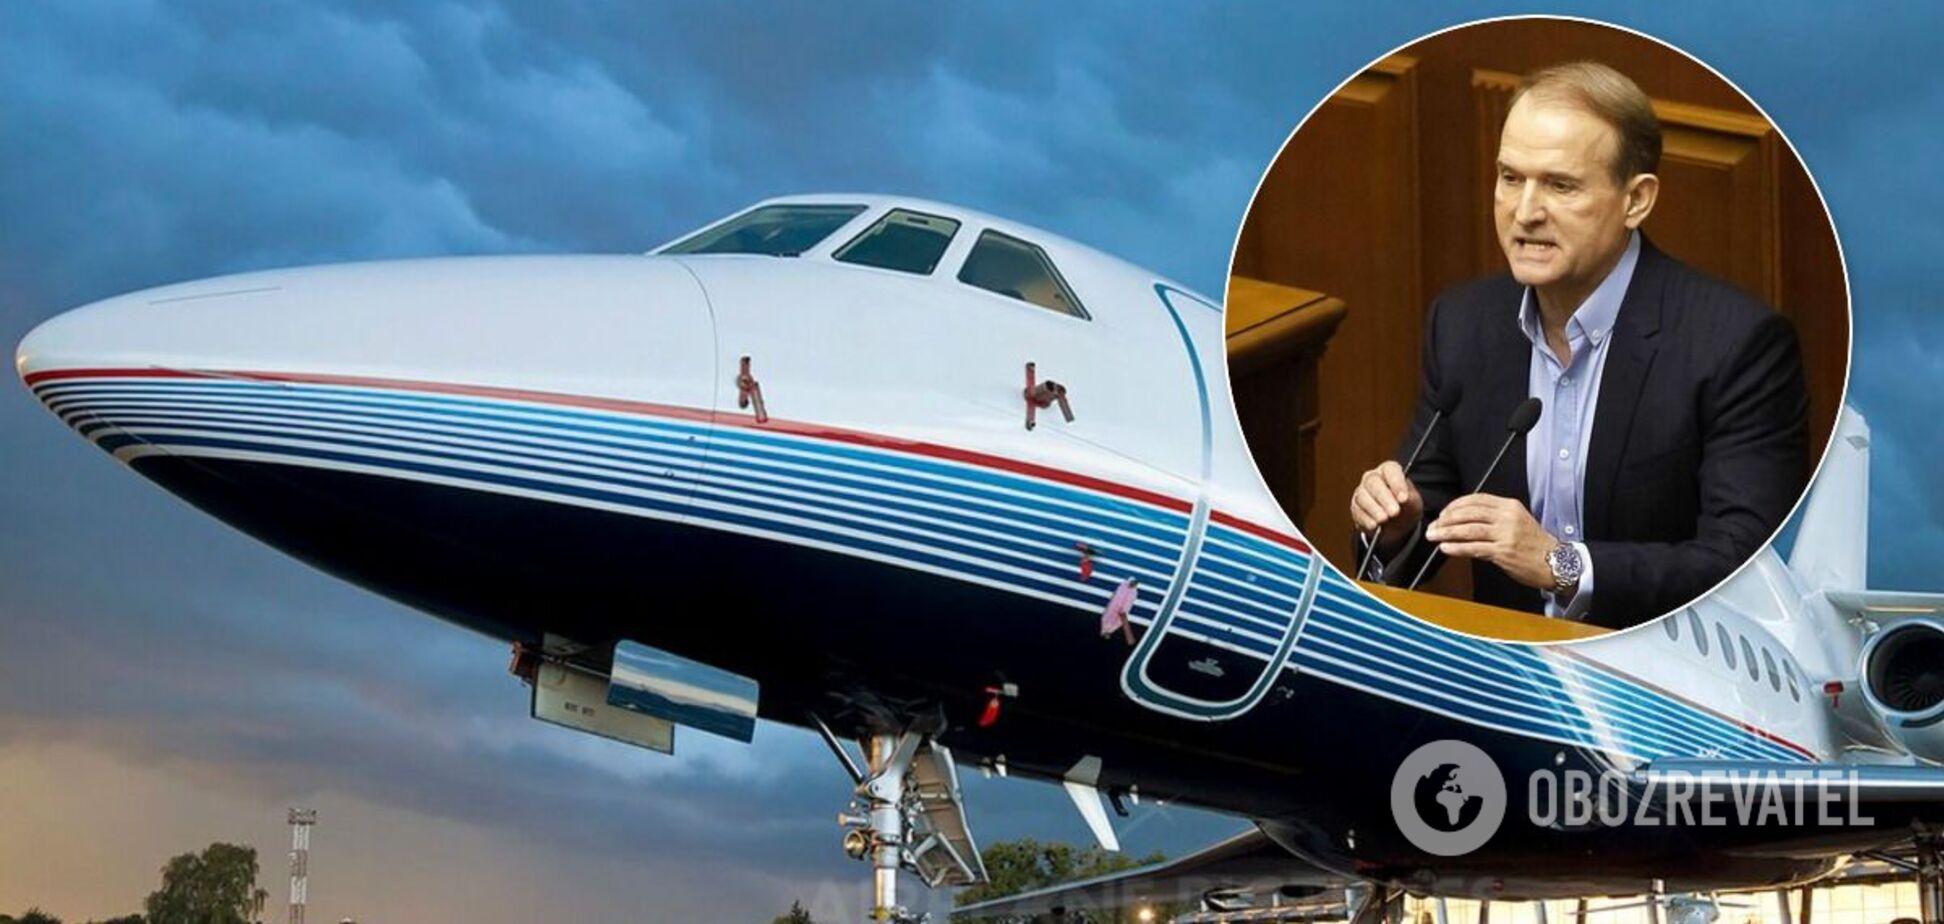 Украина наложила санкции на самолеты Медведчука и Козака – СМИ